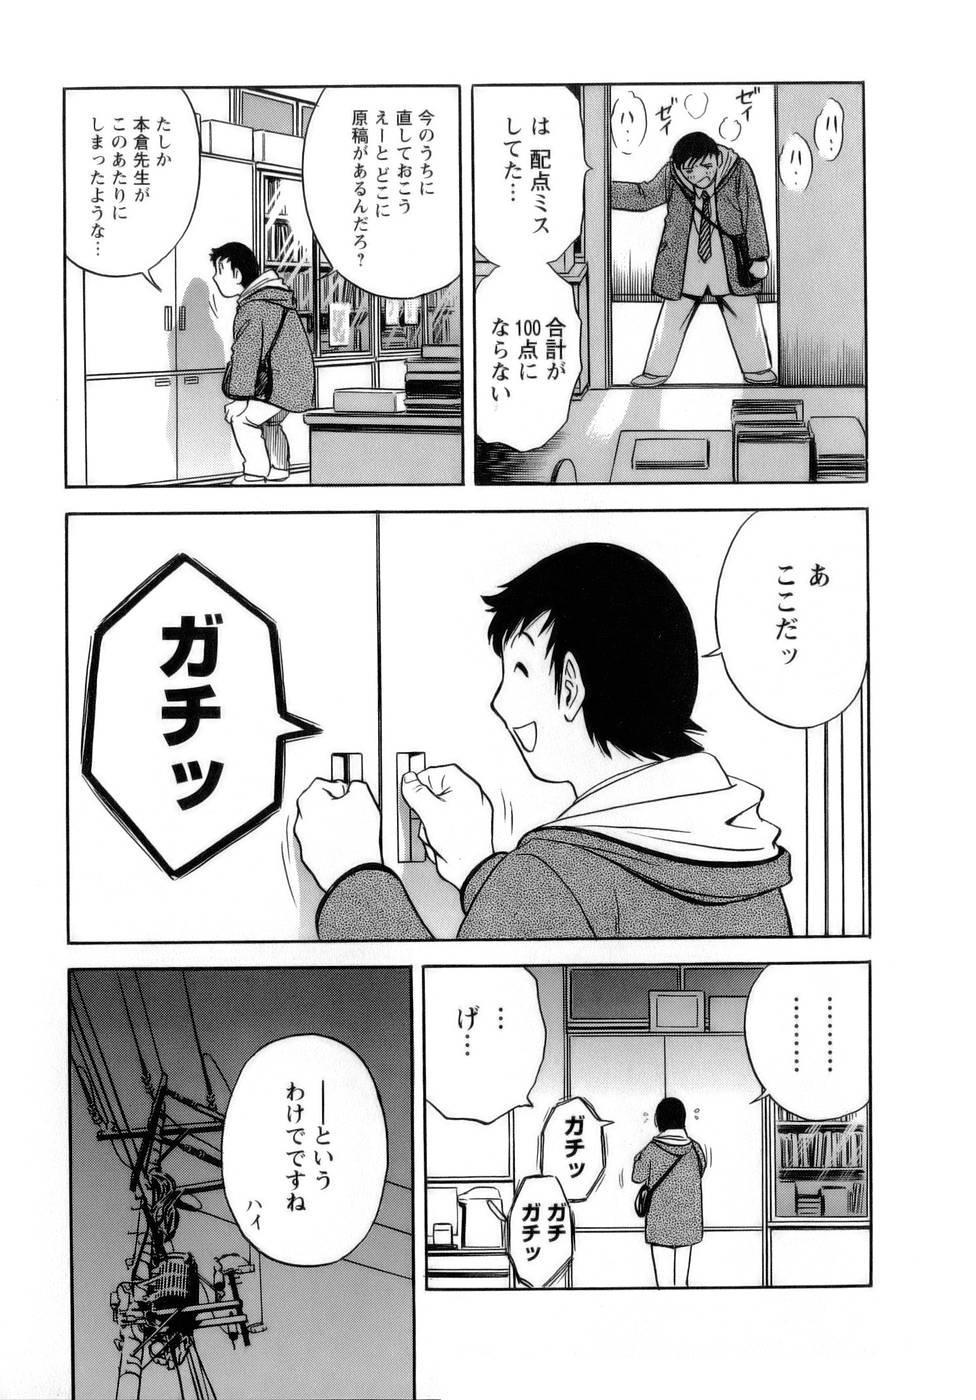 [Hidemaru] Mo-Retsu! Boin Sensei (Boing Boing Teacher) Vol.1 78